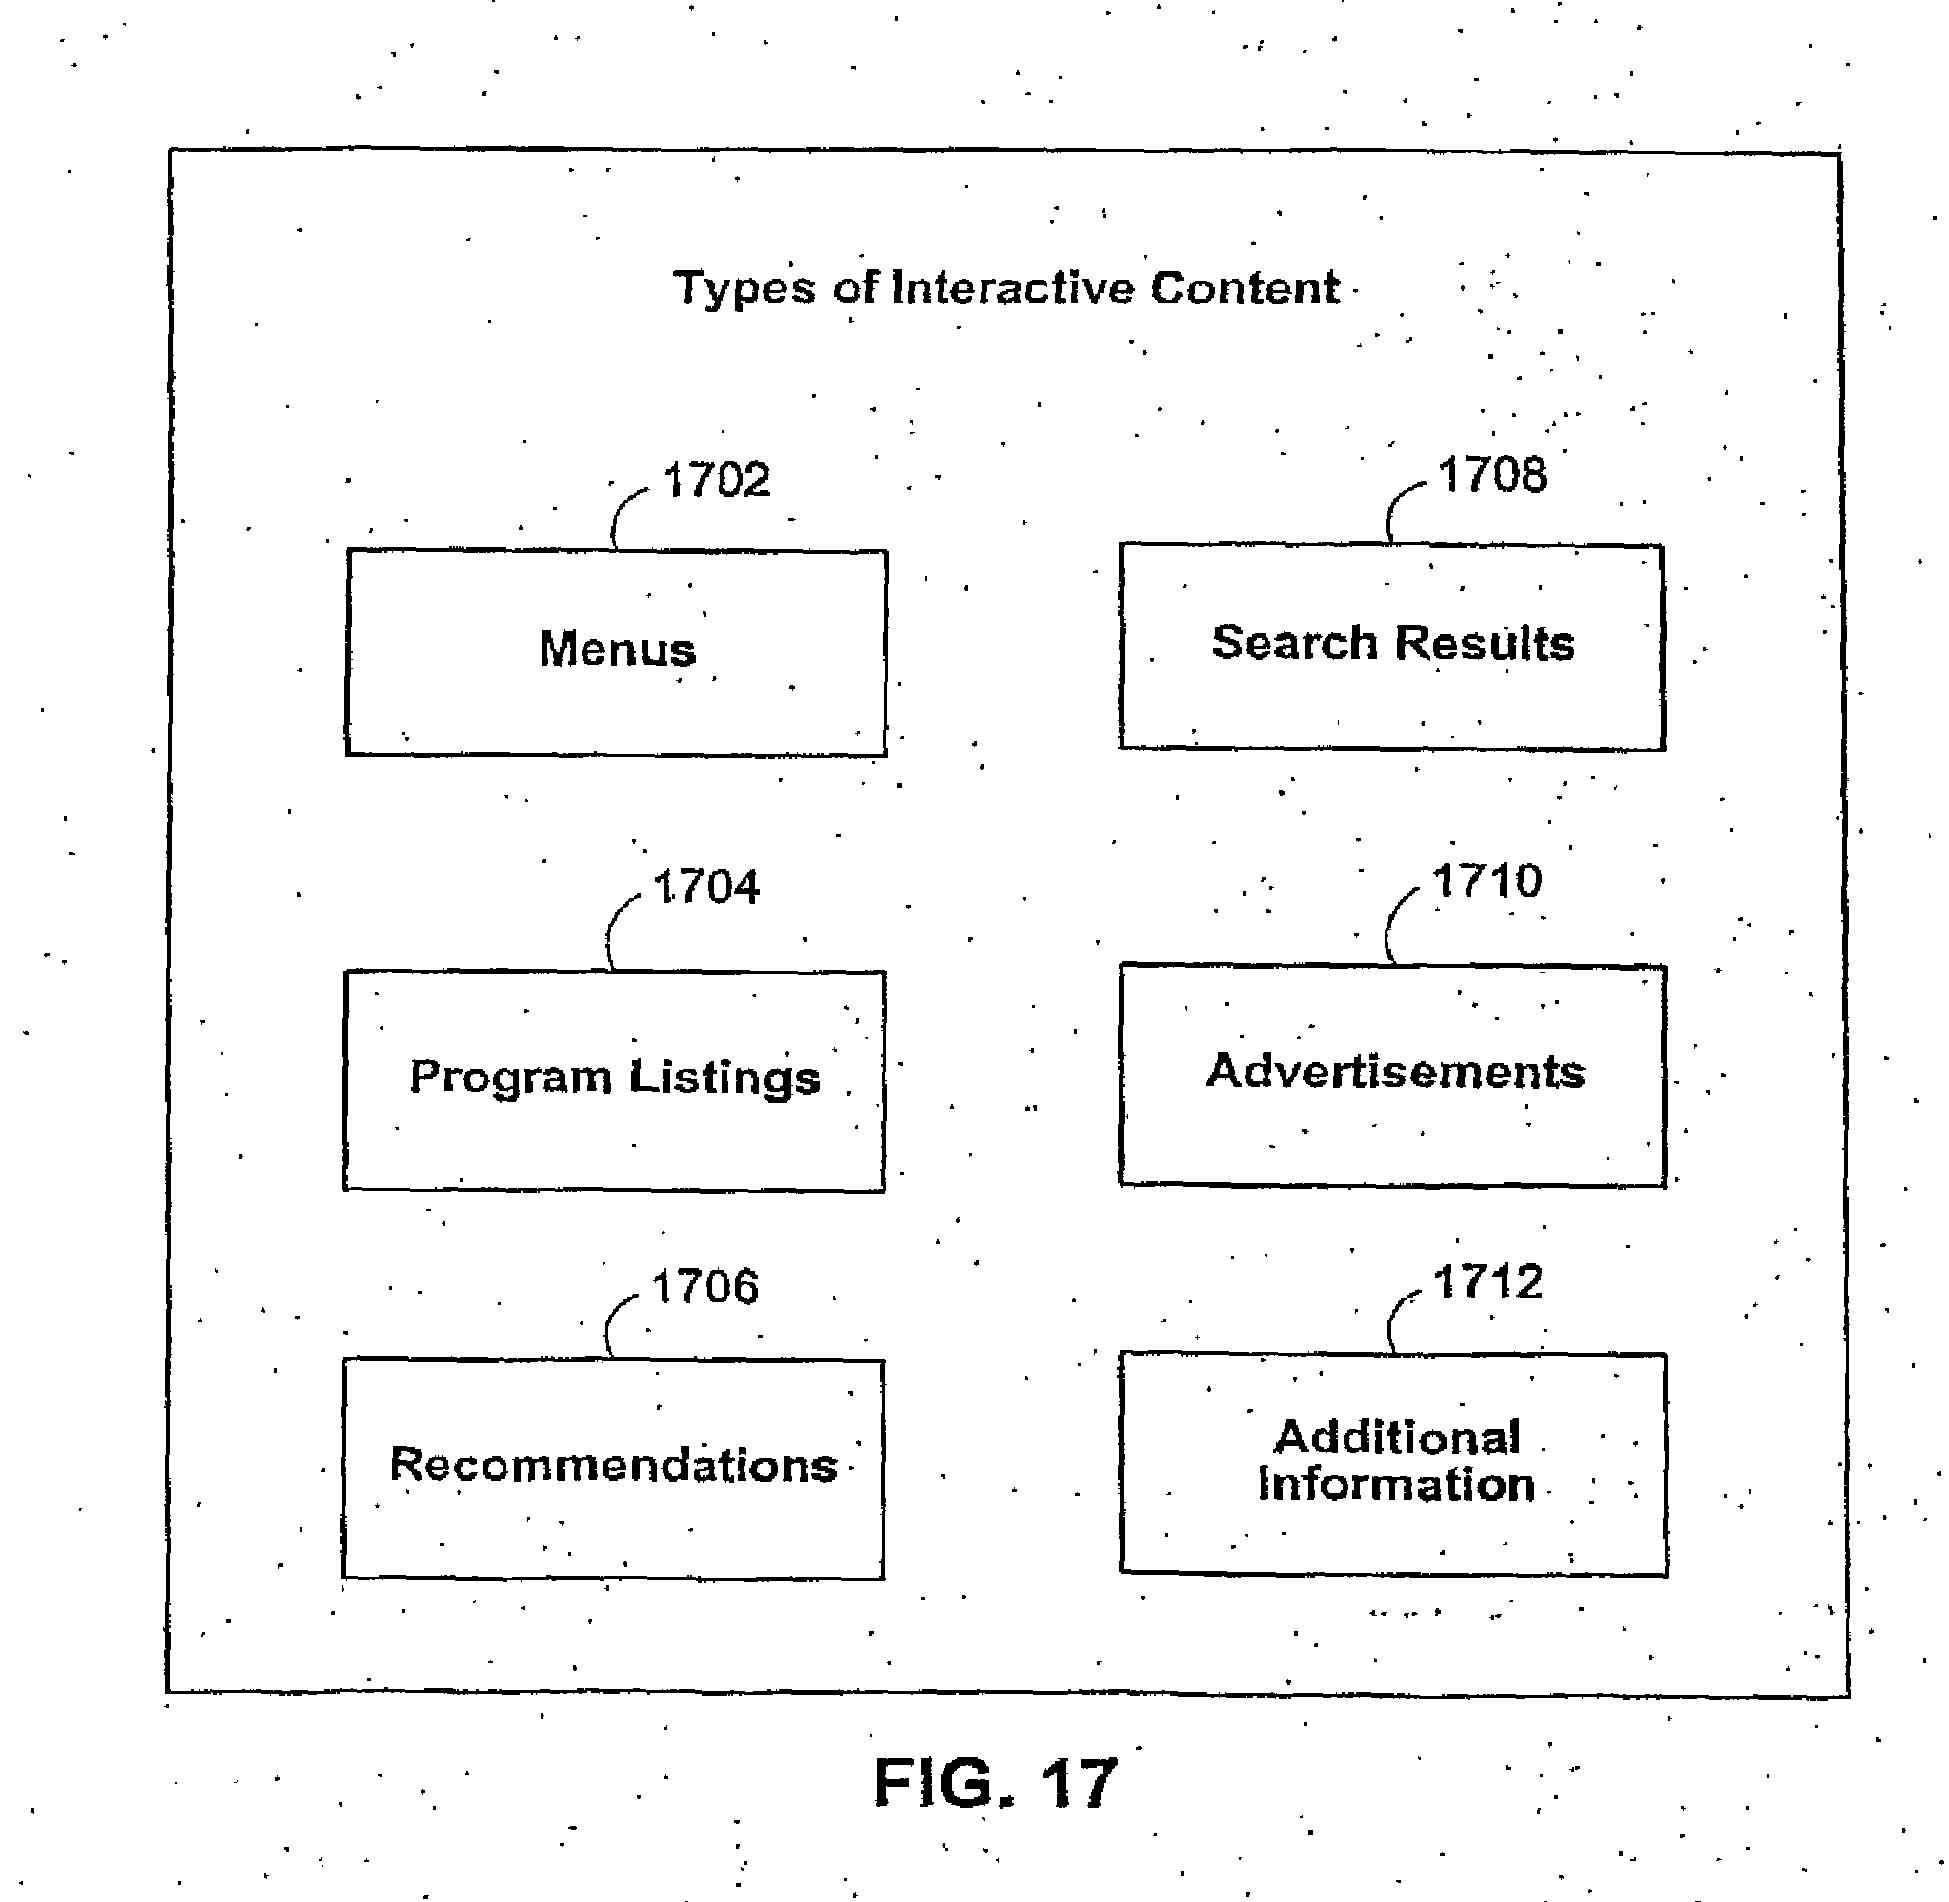 专利ep2309743a1 - procédés